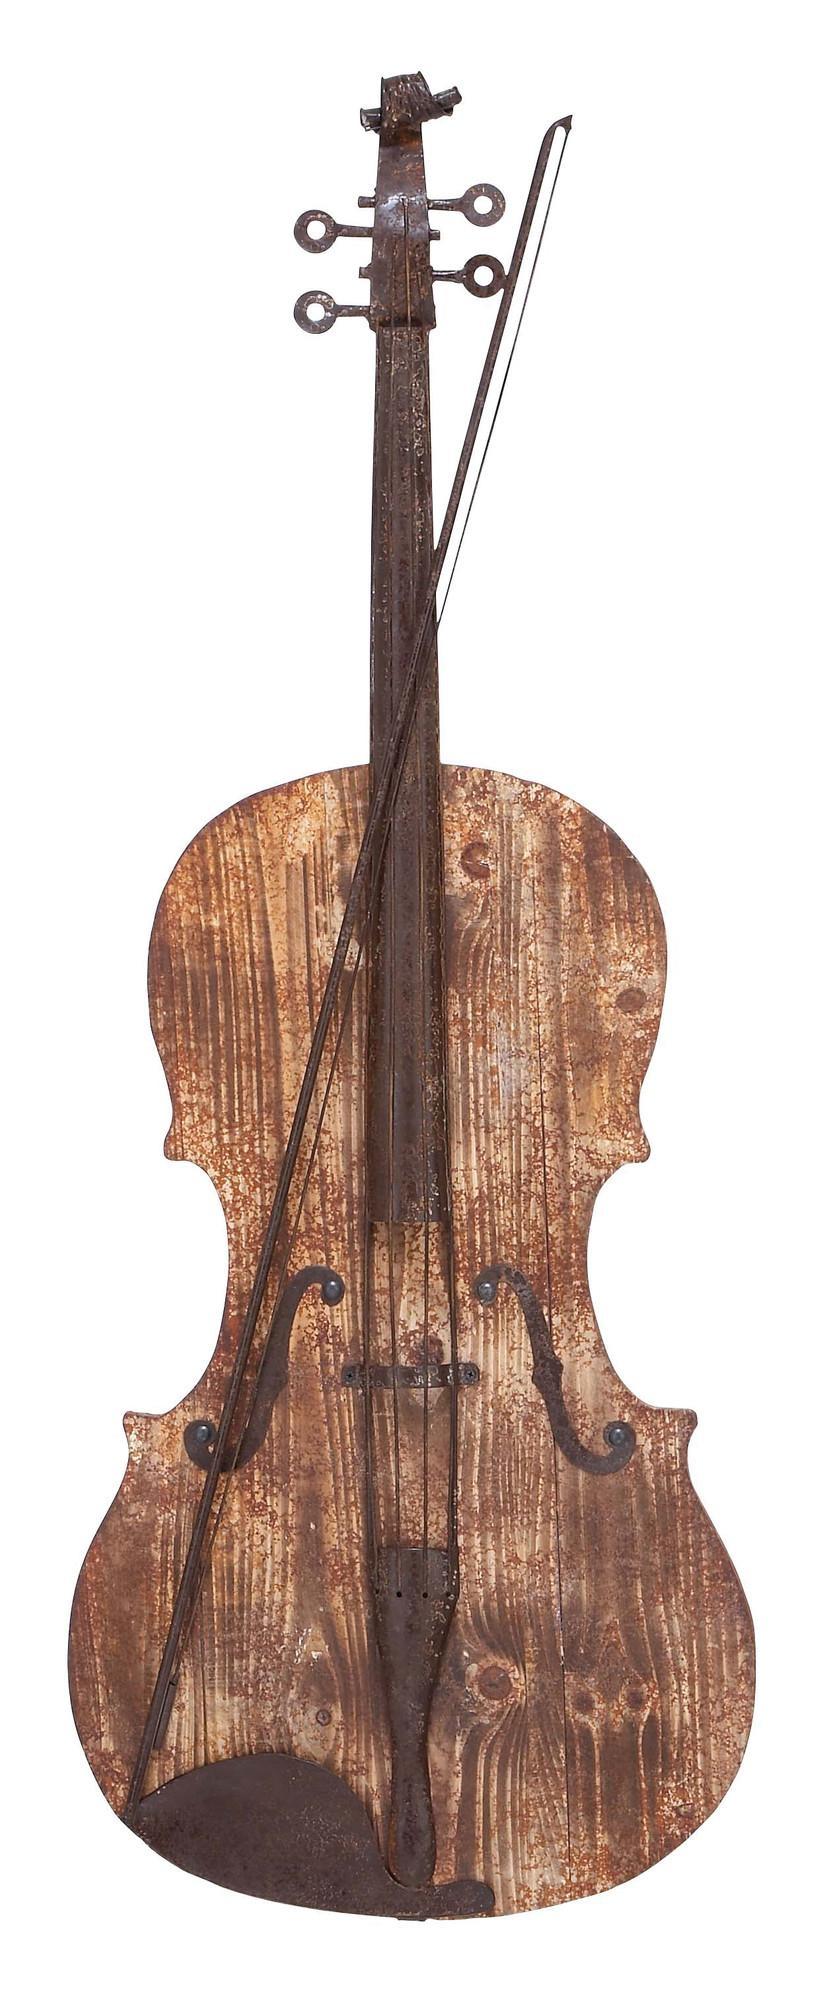 3D Violin - Musical Wood And Metal Wall Art regarding Guitar Metal Wall Art